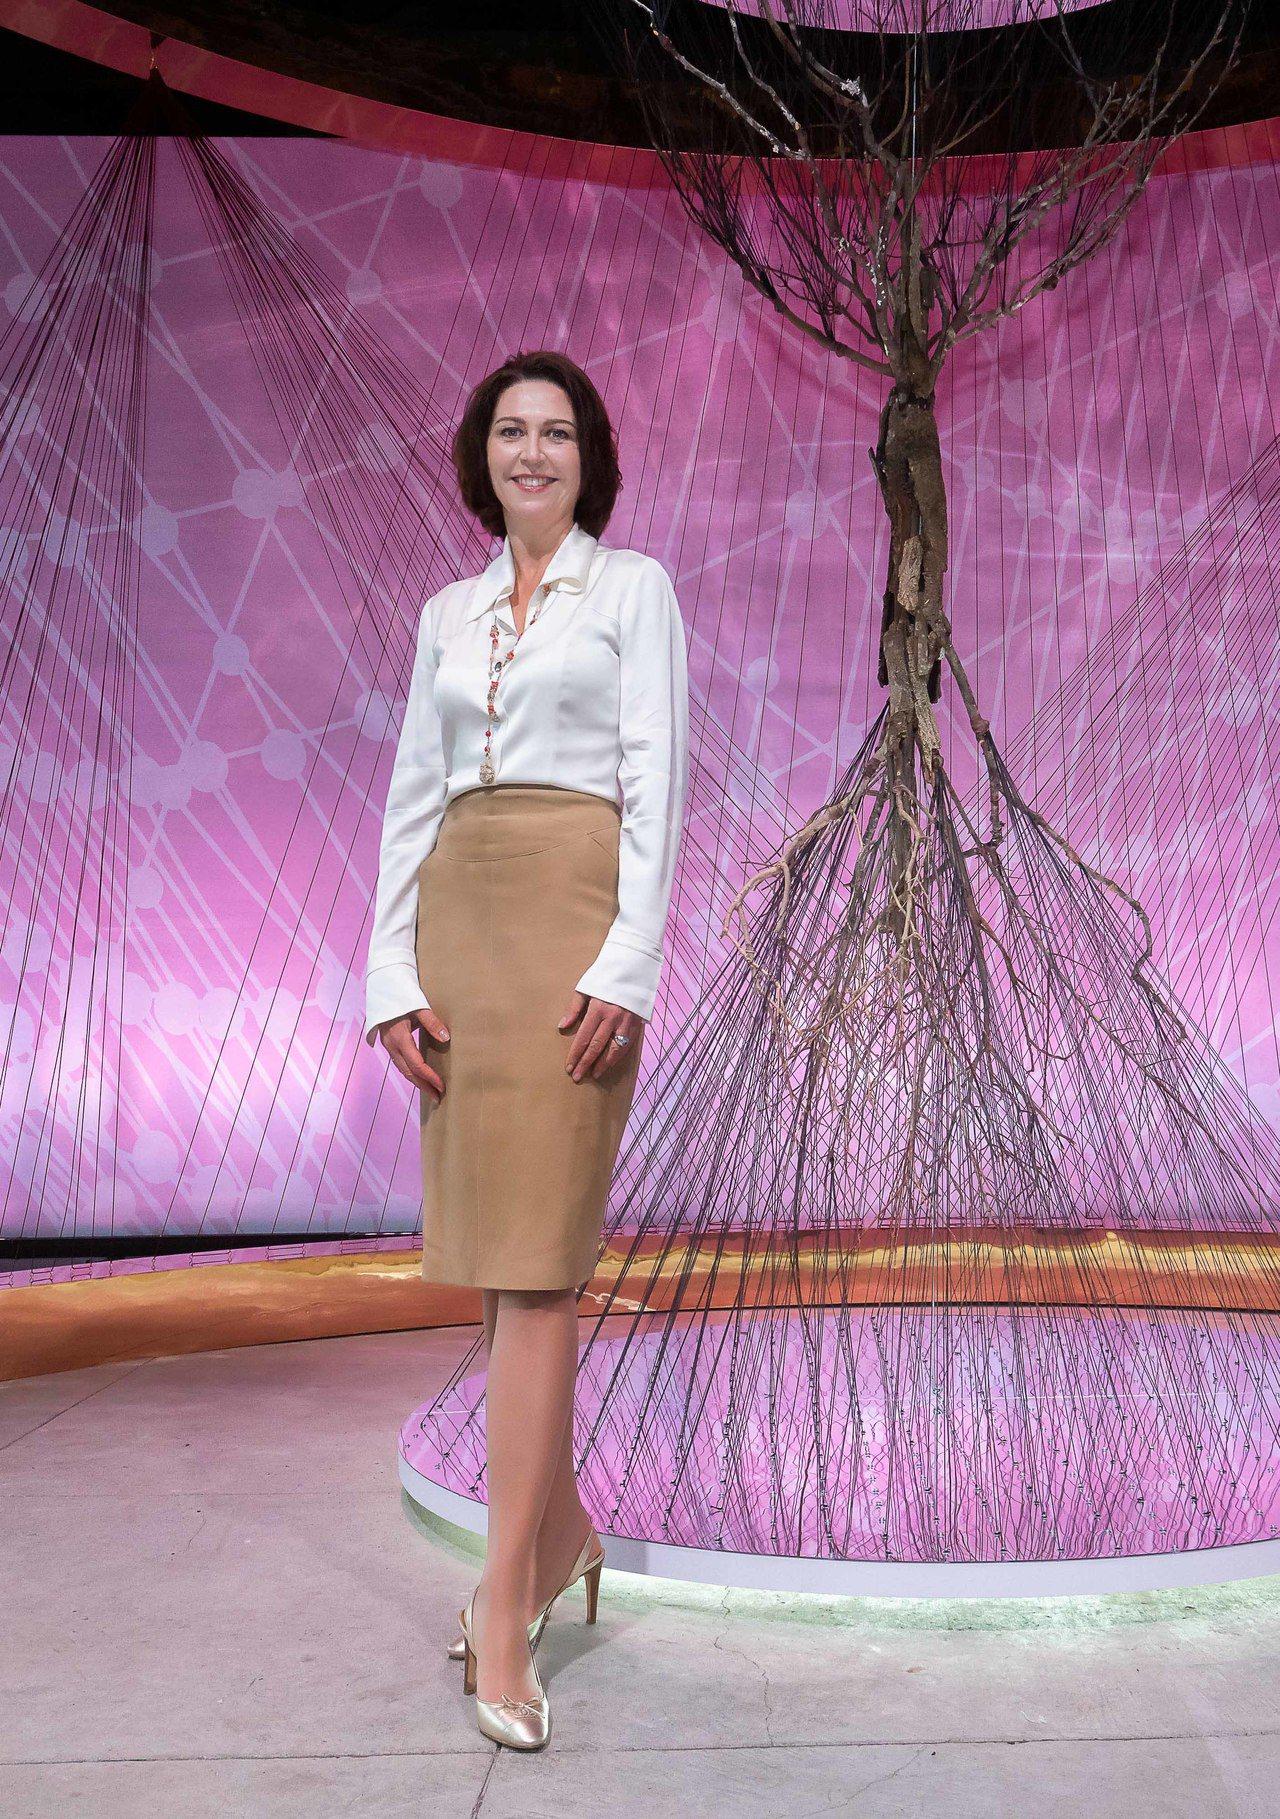 克蘭詩國際傳播總監Marie Helene Lair出席活動,傳達 V 型抗引力...